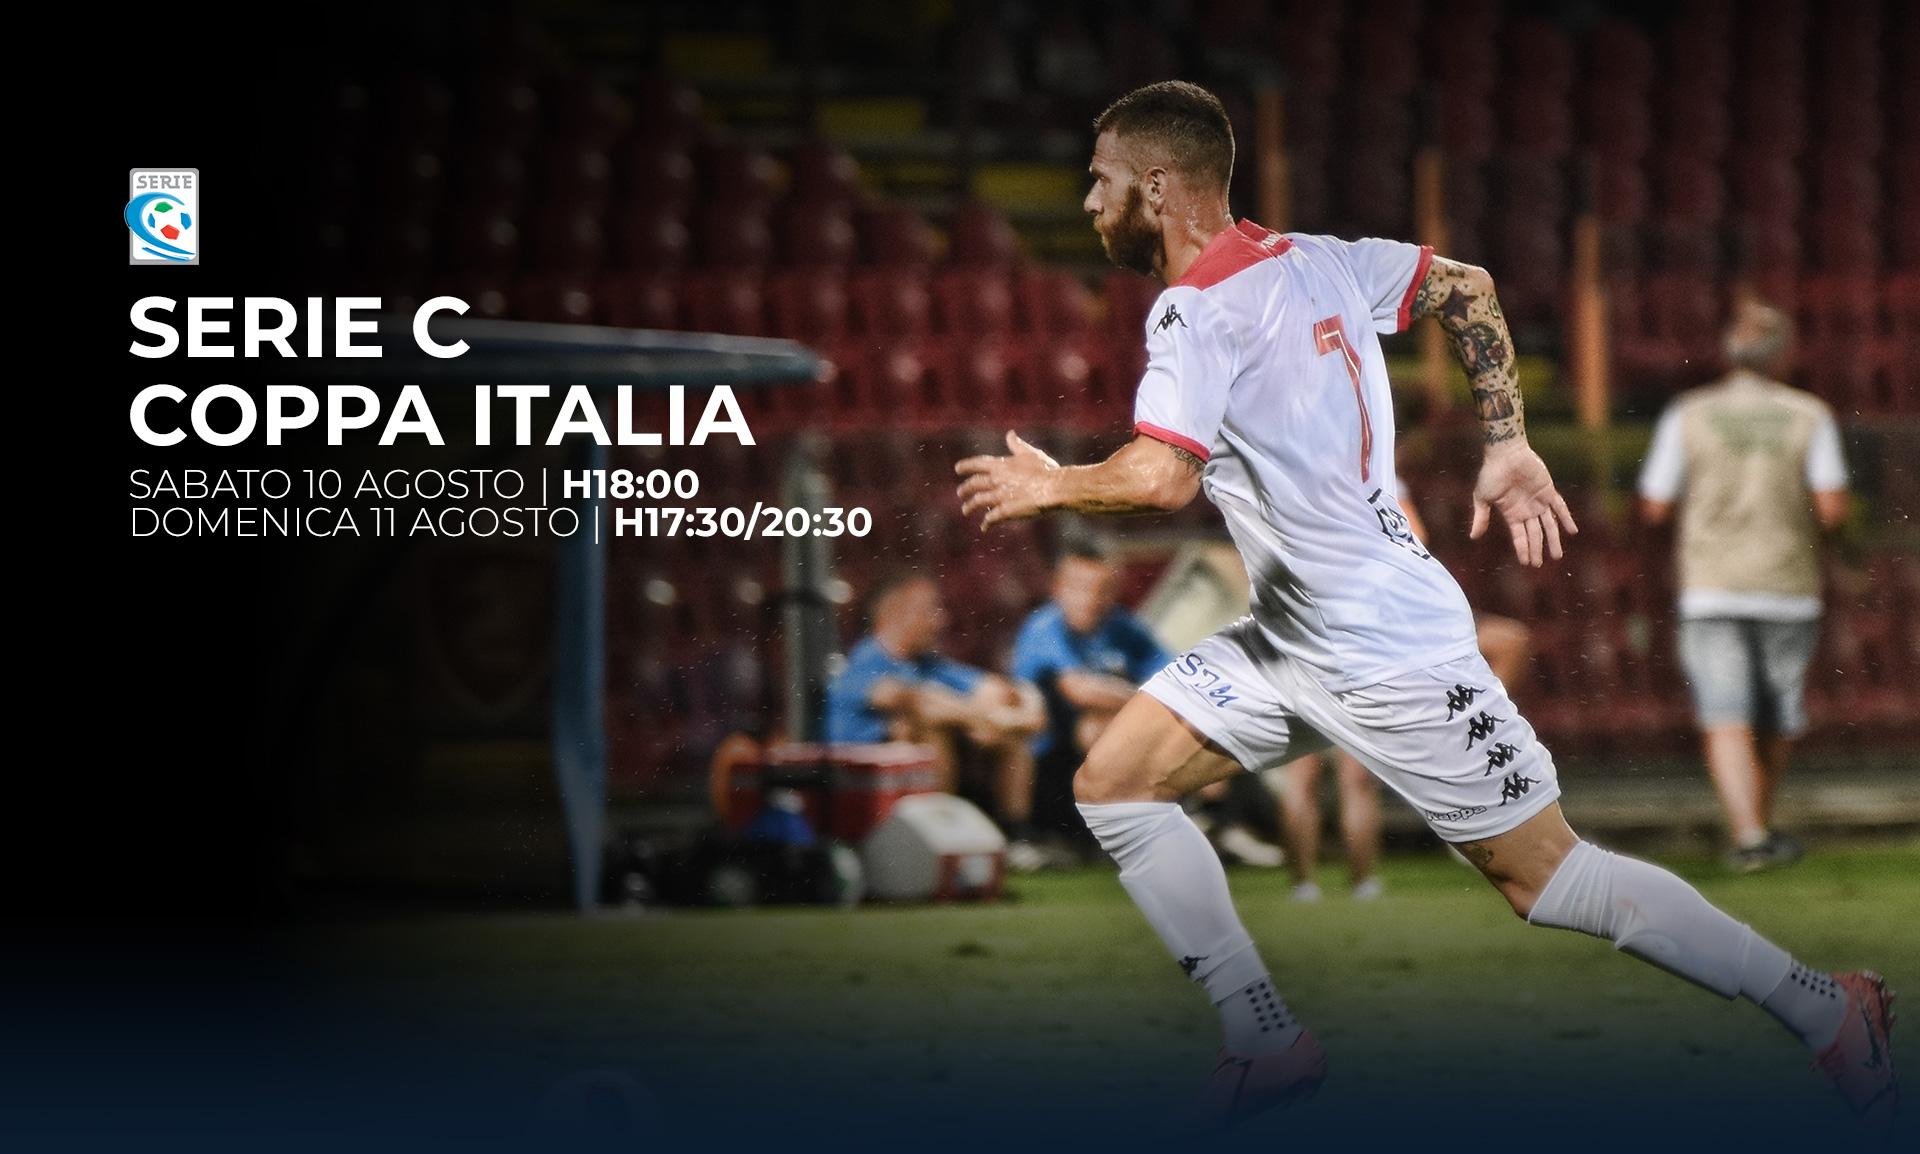 Serie C TV, Coppa Italia 10 e 11 Agosto - Programma e Telecronisti Eleven Sports